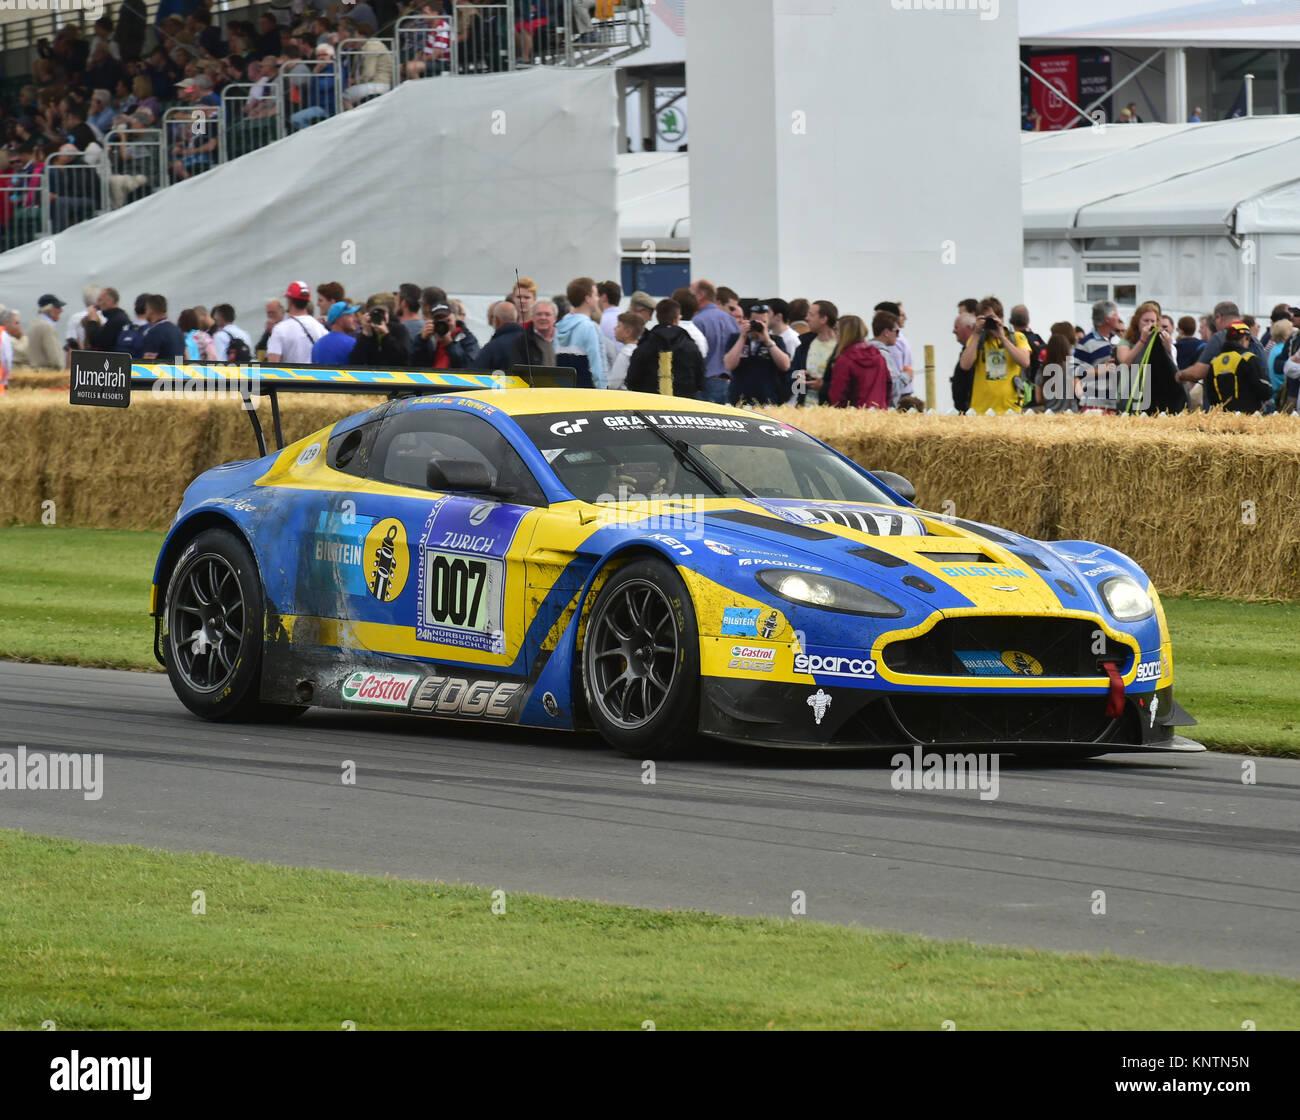 Aston Martin V12 Vantage Gt3 Goodwood Festival Of Speed 2014 2014